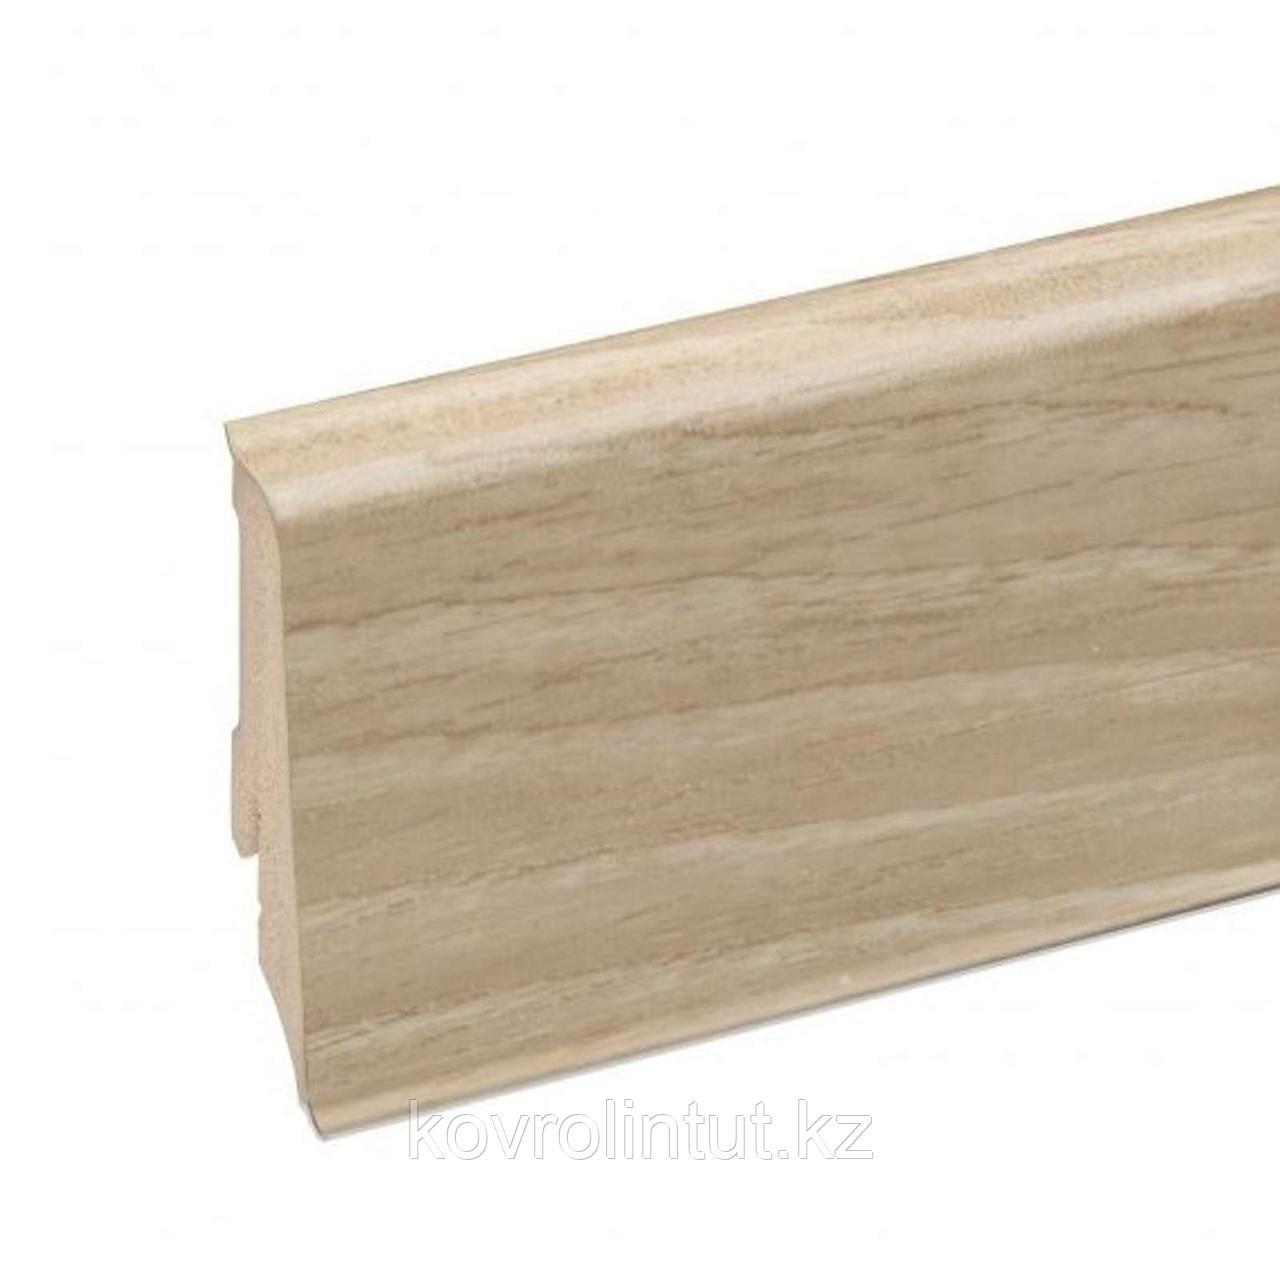 Плинтус композитный для LVT Neuhofer Holz, K0210L, 714458, 2400х59х17 мм